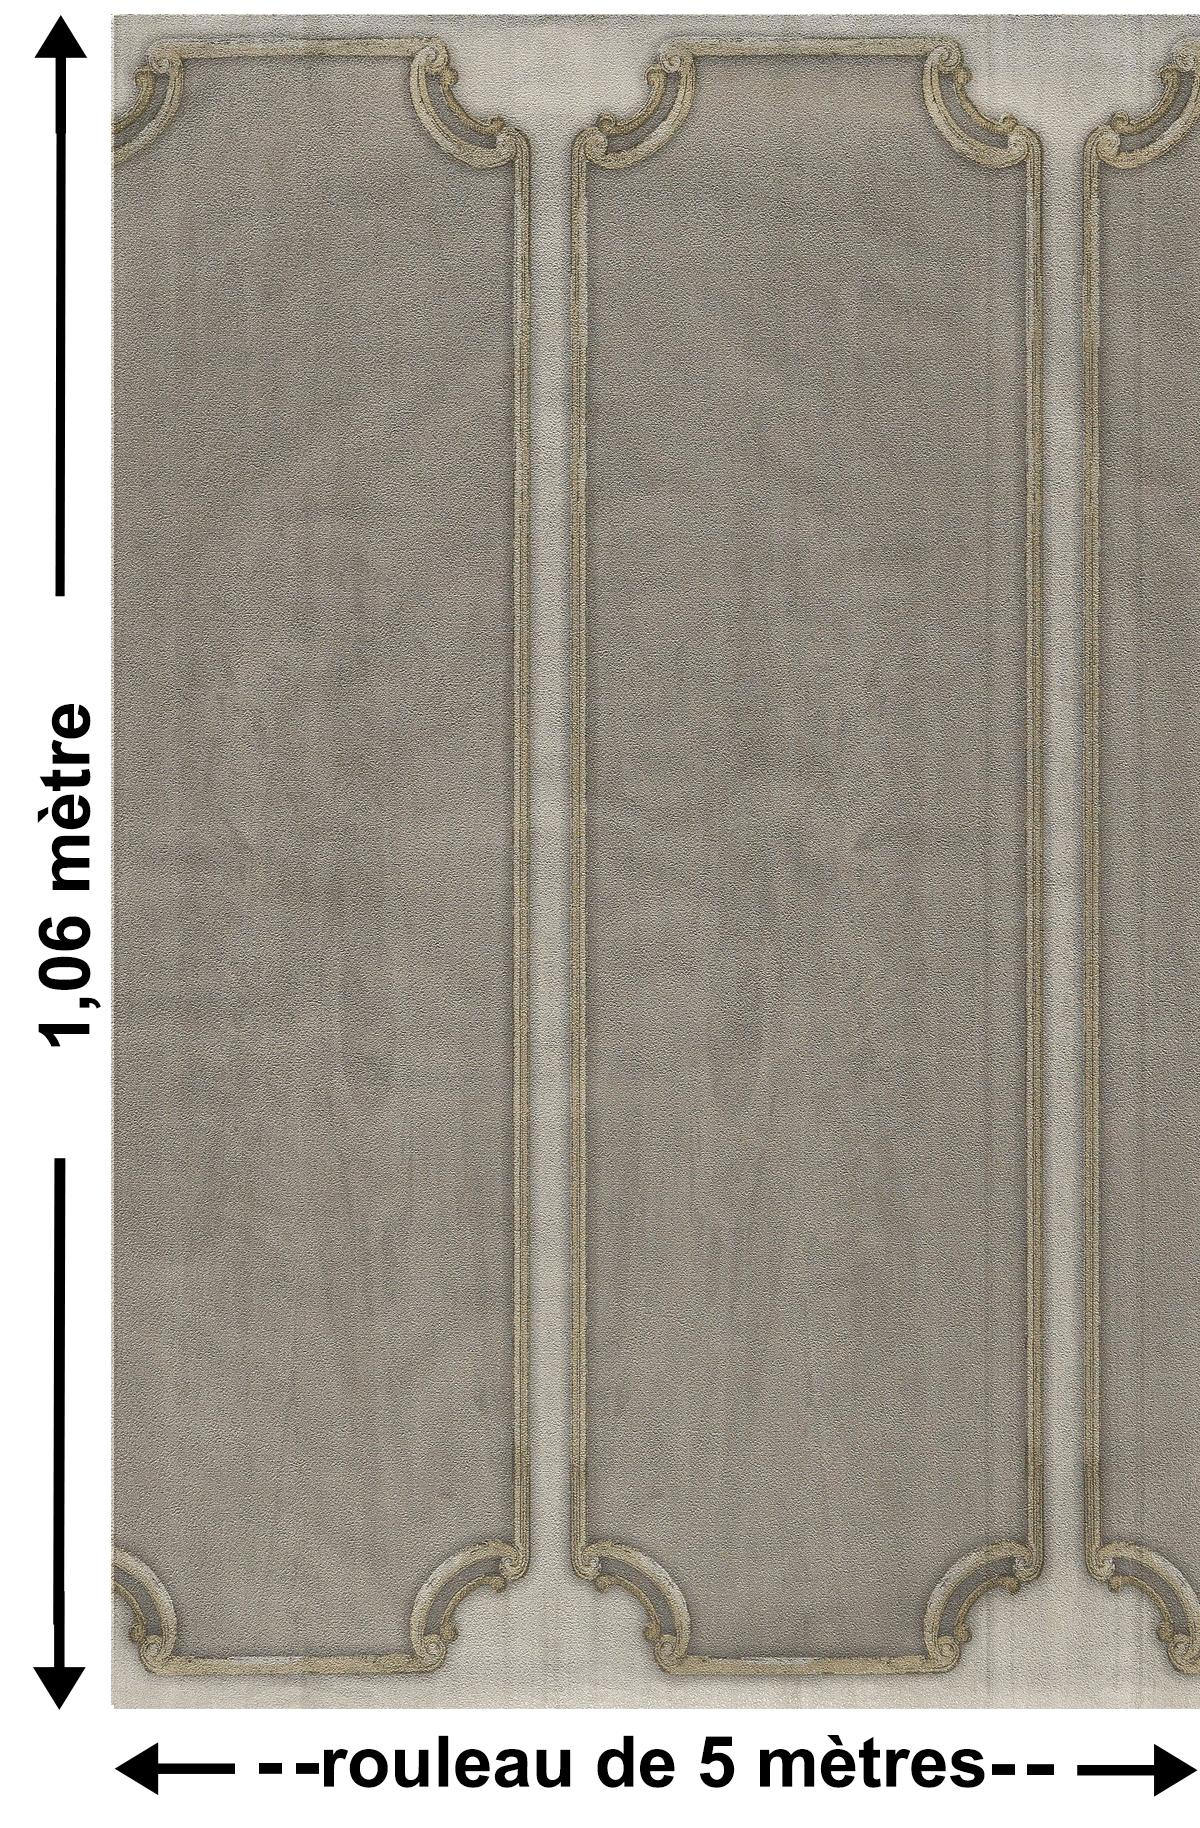 Soubassement Couloir En Bois papier peint soubassement bois gris - the country house de